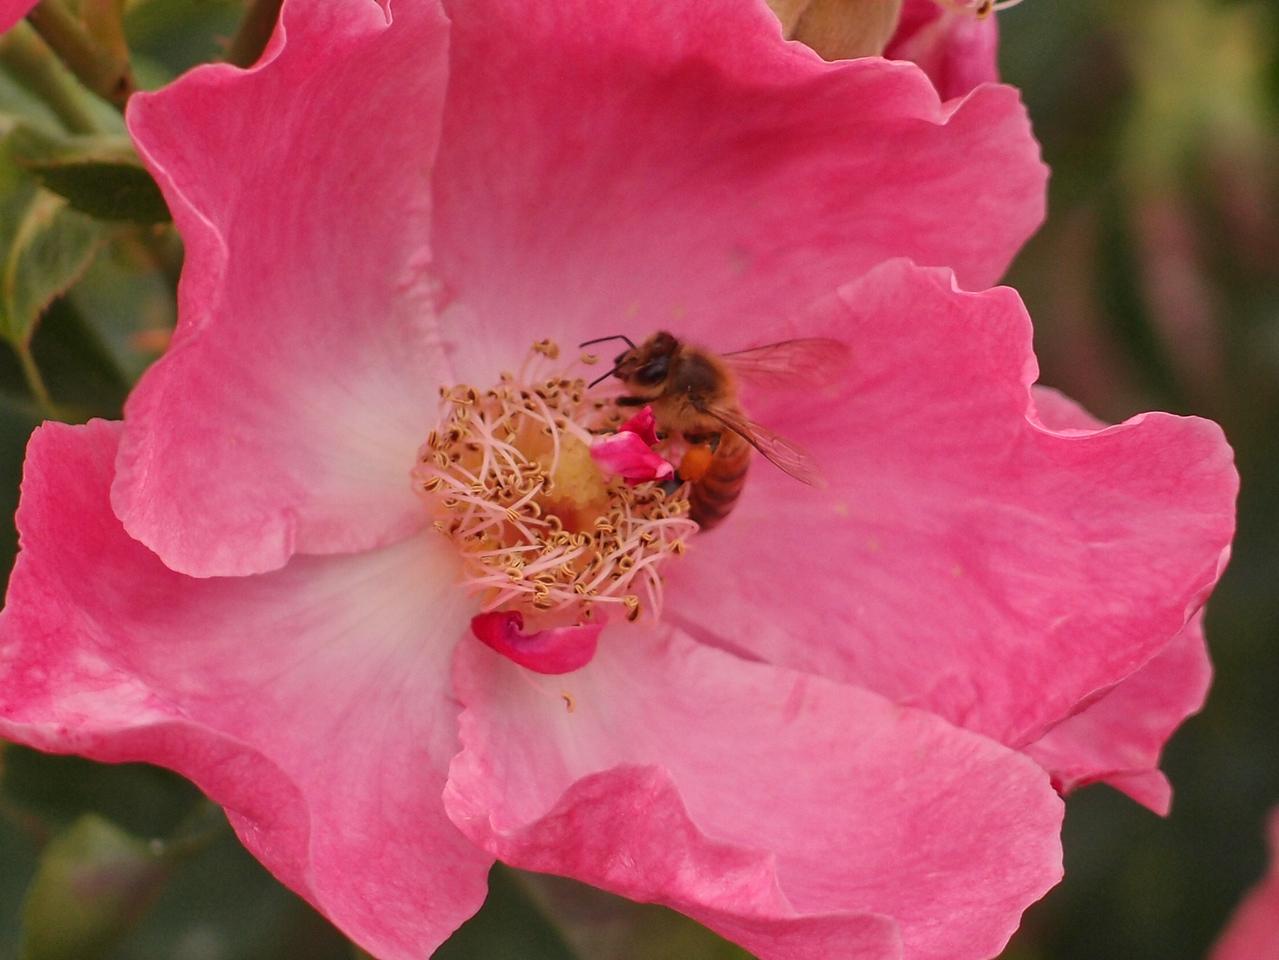 20120419_1335_0213 rose